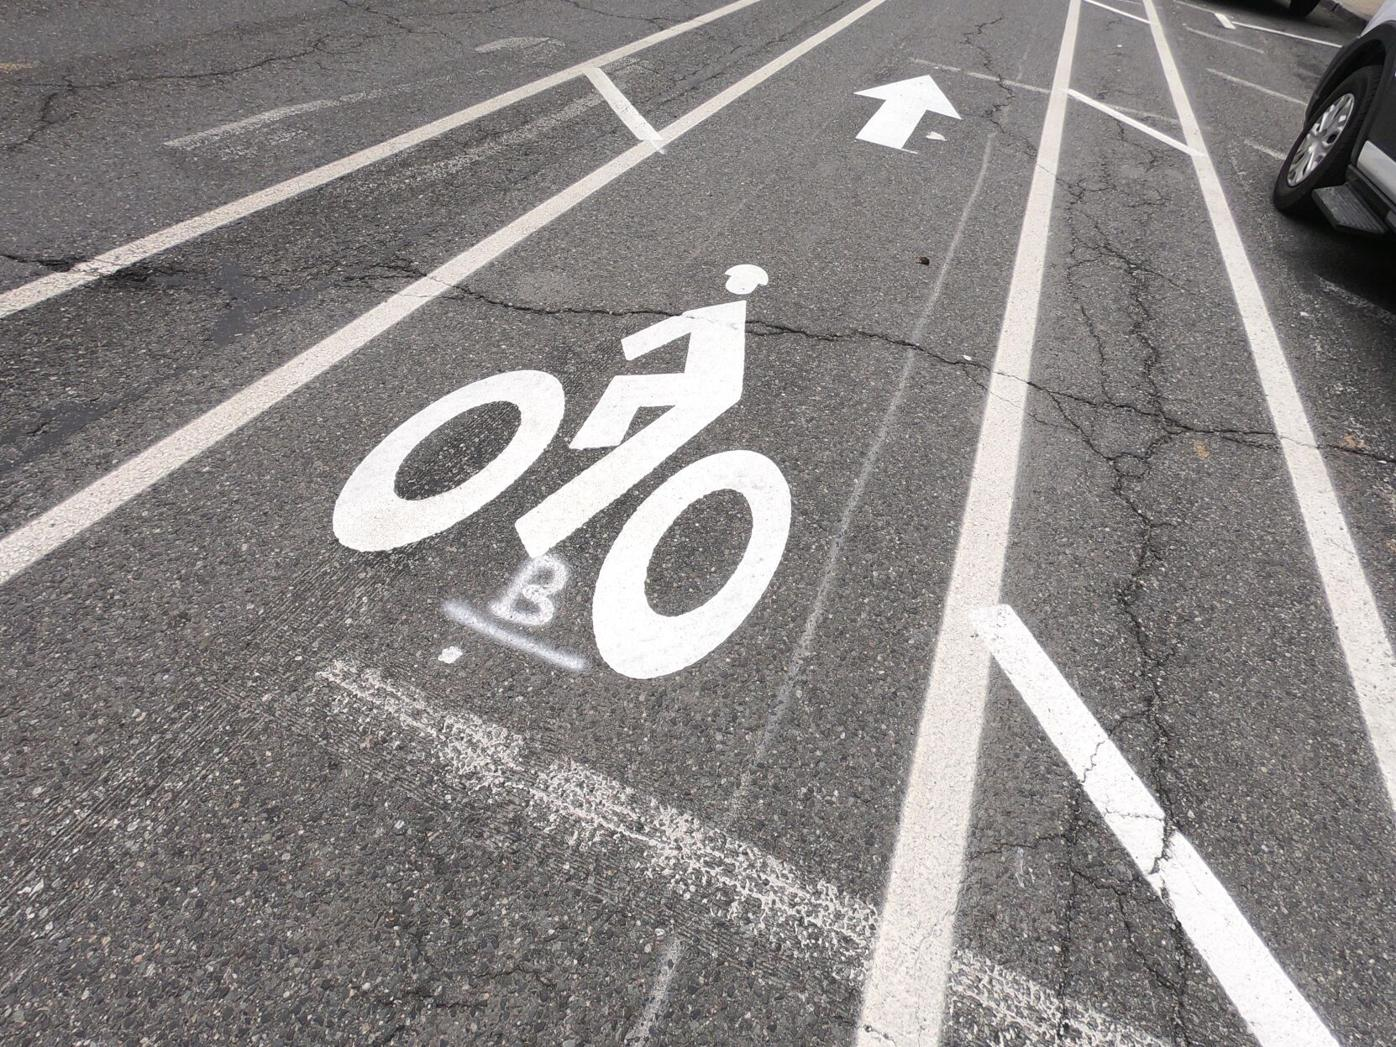 Bike lane markings on street